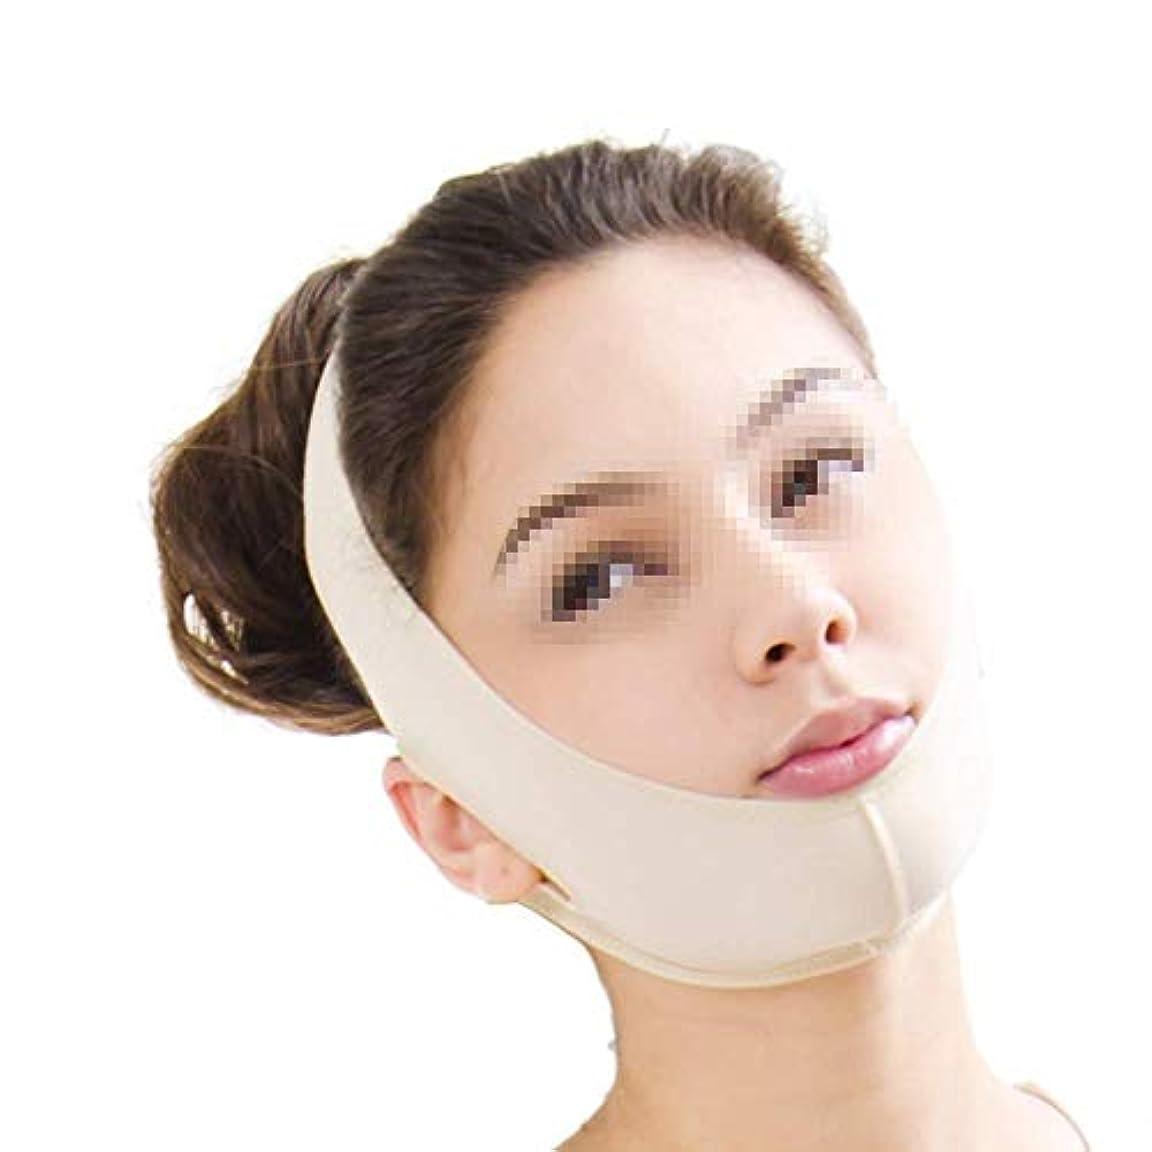 攻撃非行美しいフェイスリフトマスク、顎顔面ダブルチン化粧品脂肪吸引後圧縮小顔包帯弾性ヘッドギア(サイズ:S)